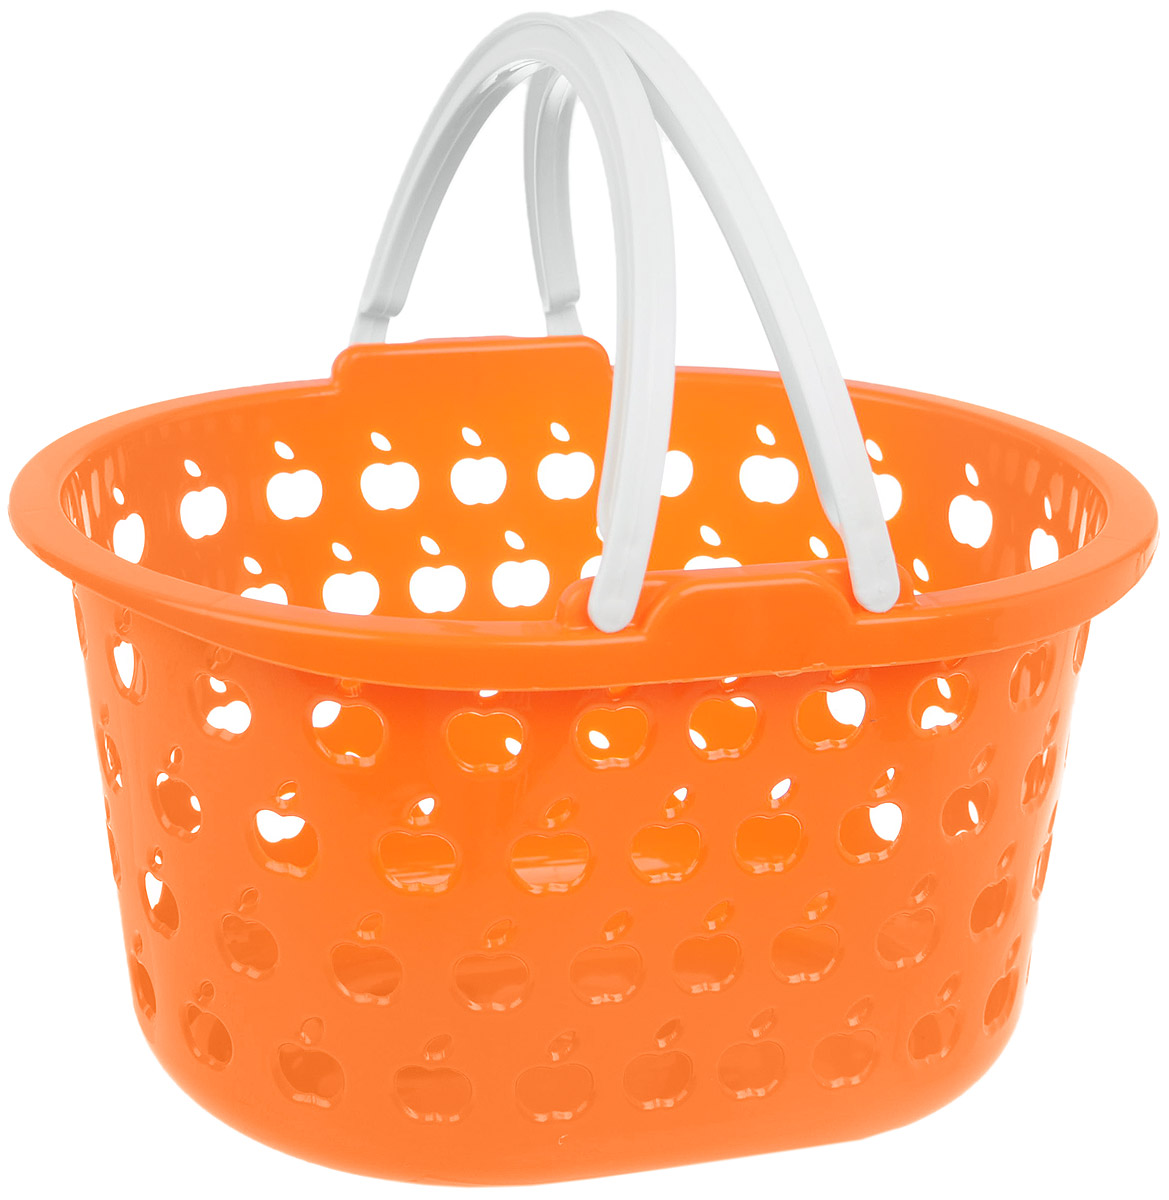 Корзина Полимербыт Стайл, цвет: оранжевый, белый, 3,2 лС832_оранжевый, белыйОвальная корзина Полимербыт Стайл изготовлена из высококачественного цветного пластика и декорирована перфорацией в виде яблок. Она предназначена для хранения различных мелочей дома или на даче. Для удобства переноски имеются две ручки. Позволяет хранить мелкие вещи, исключая возможность их потери. Корзина очень вместительная. Элегантный выдержанный дизайн позволяет органично вписаться в ваш интерьер и стать его элементом.Размер корзины (без учета ручек): 23 см х 18,5 см х 14 см.